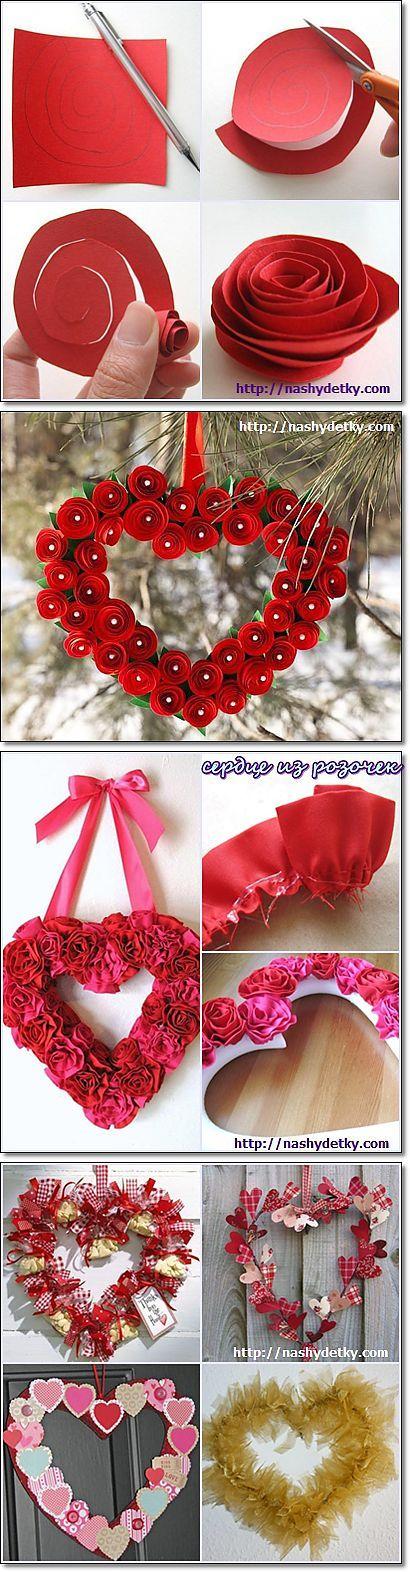 Букет из конфет сердце, венок сердце – милый подарок и декор | СВОИМИ РУКАМИ | Постила